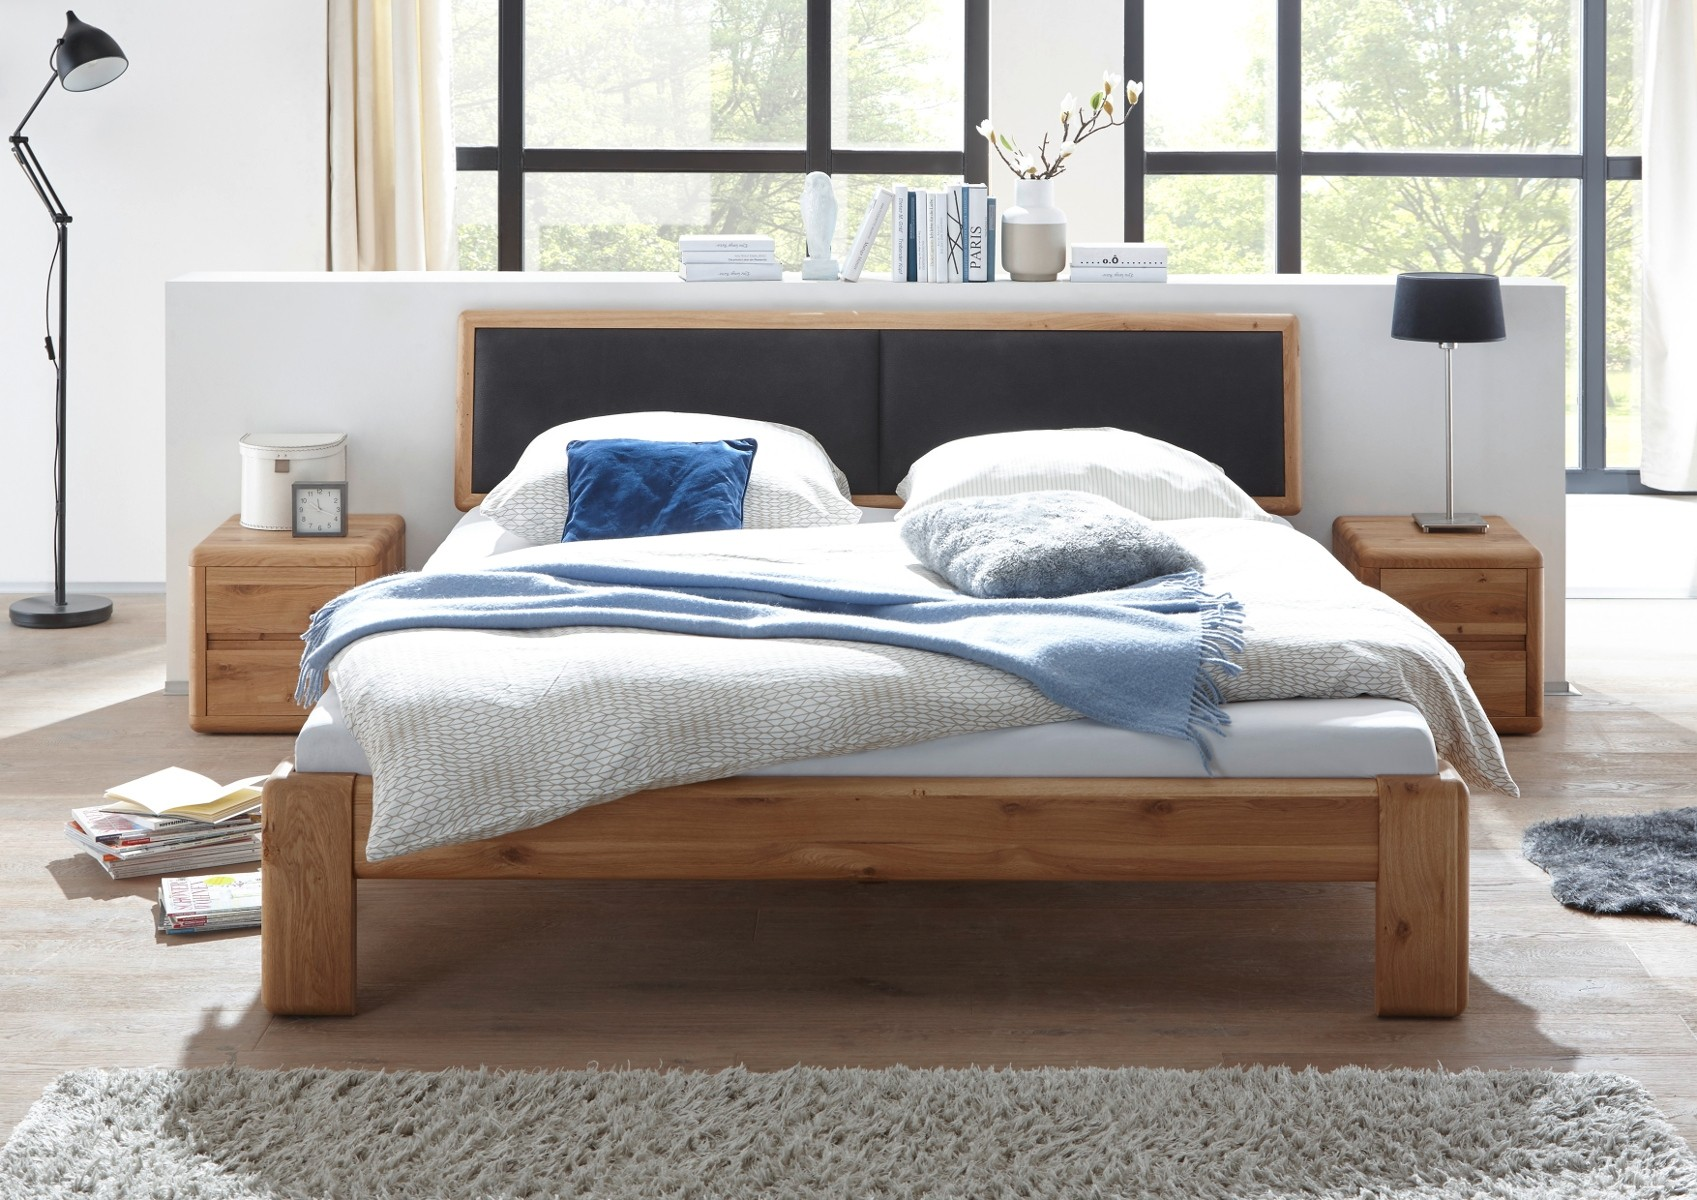 Empinio24 Doppelbett VERONA 200x200 cm Farbe Natur Asteiche, Eiche, Wildeiche Massivholz Breite 207 cm | Schlafzimmer > Betten > Doppelbetten | Empinio24